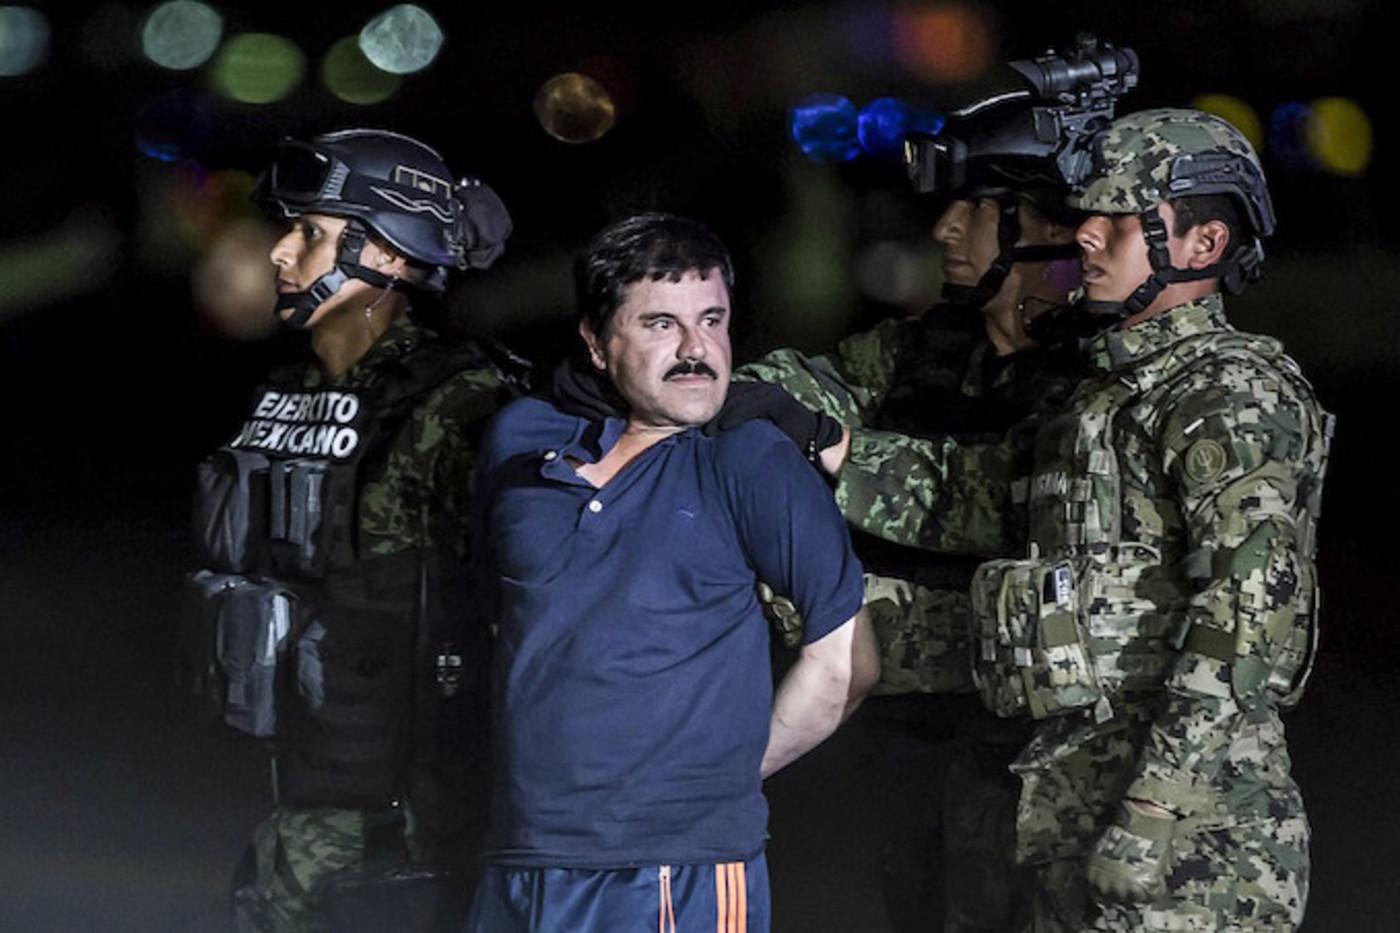 El Chapo arrested in Mexico City